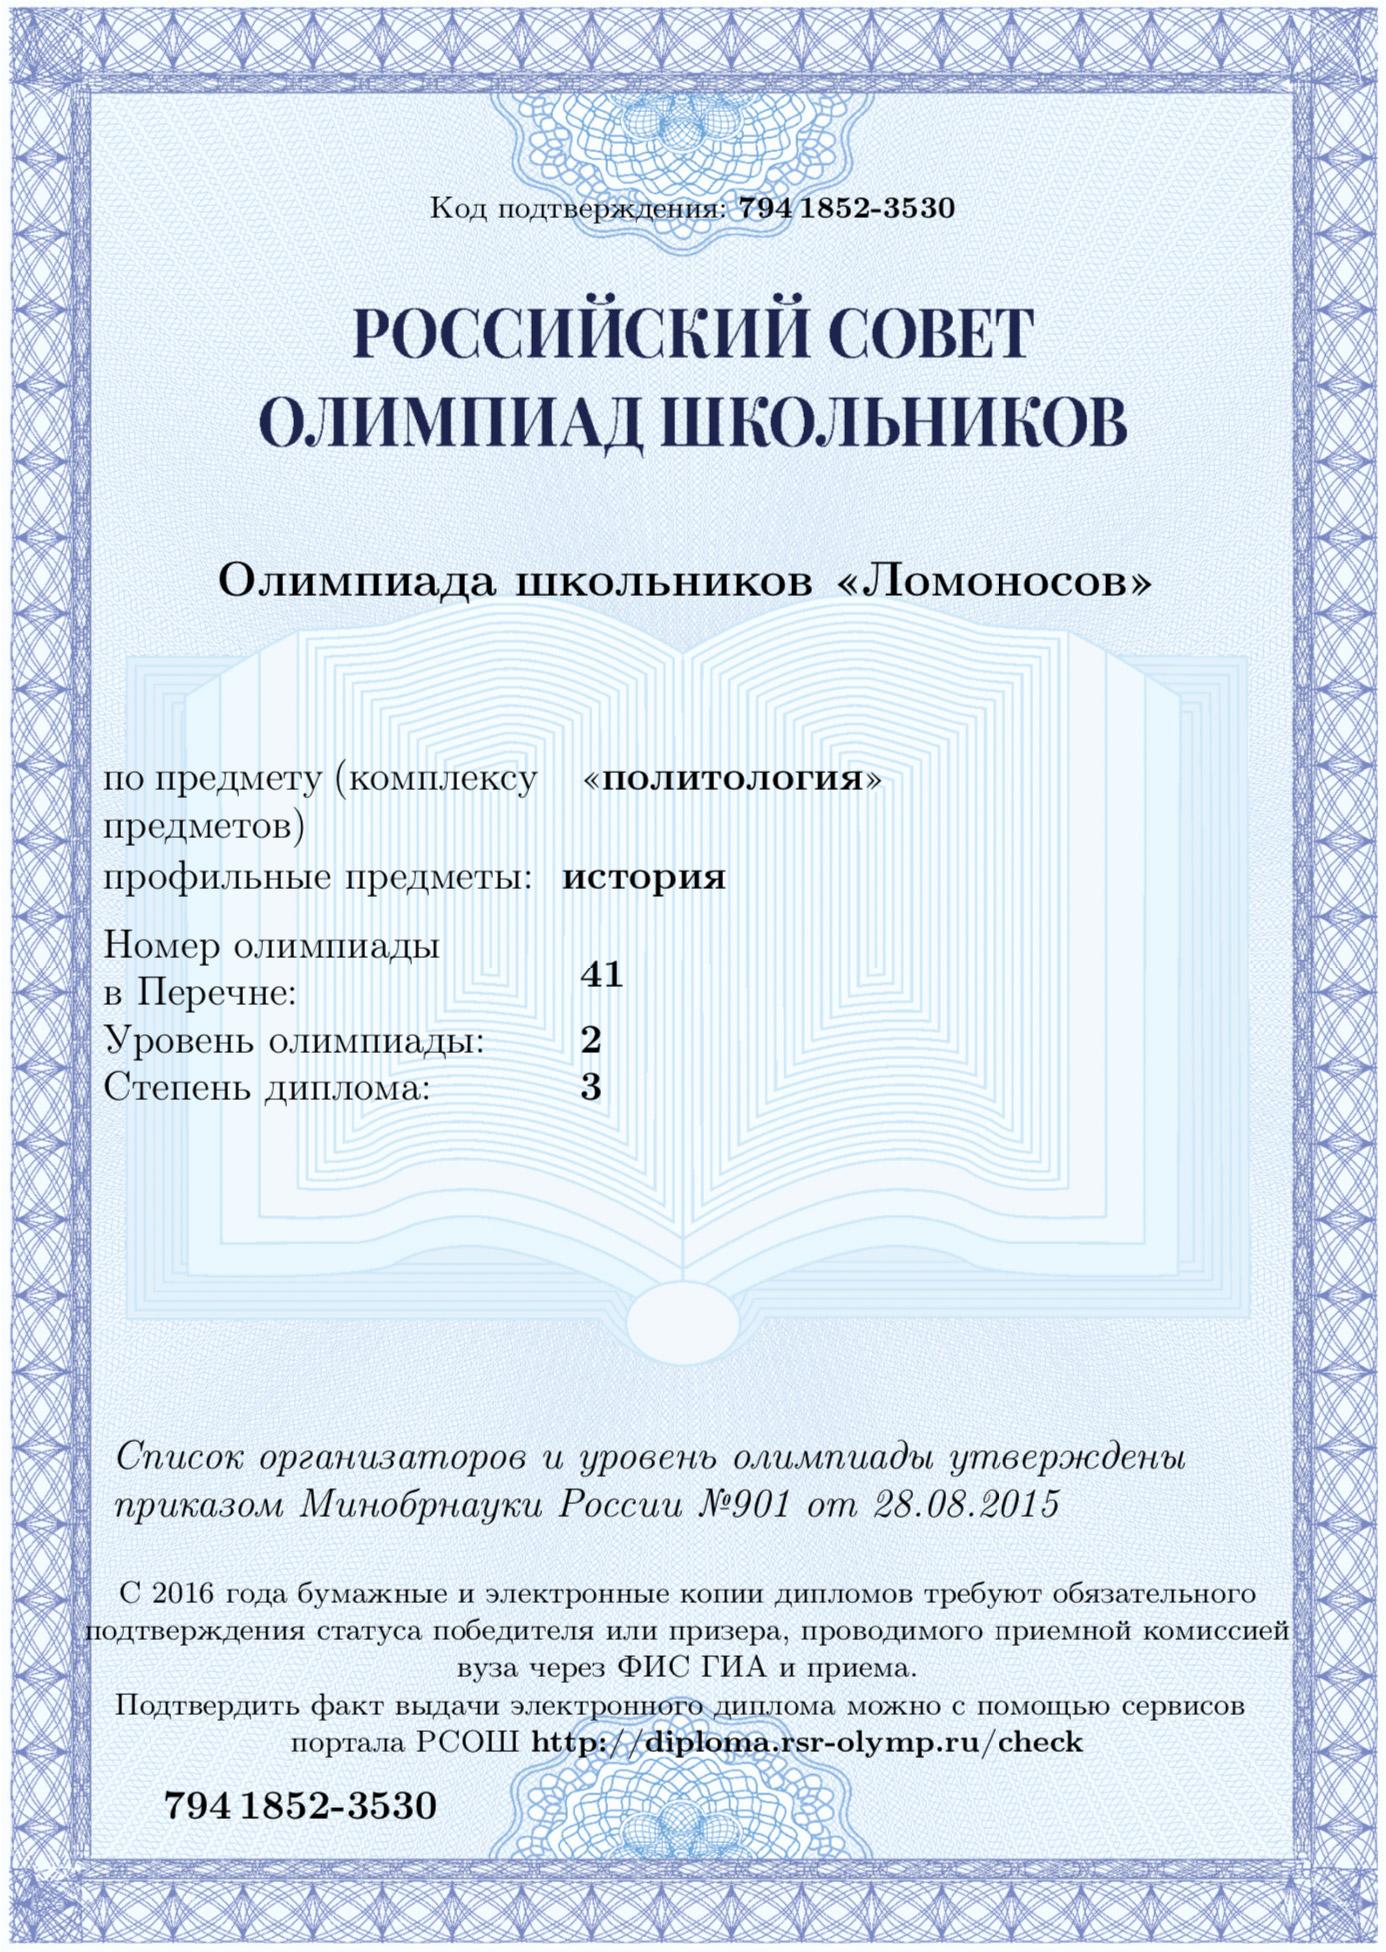 Льготами этого диплома я не воспользовалась. В НИУВШЭ не принимали эту олимпиаду в 2016году